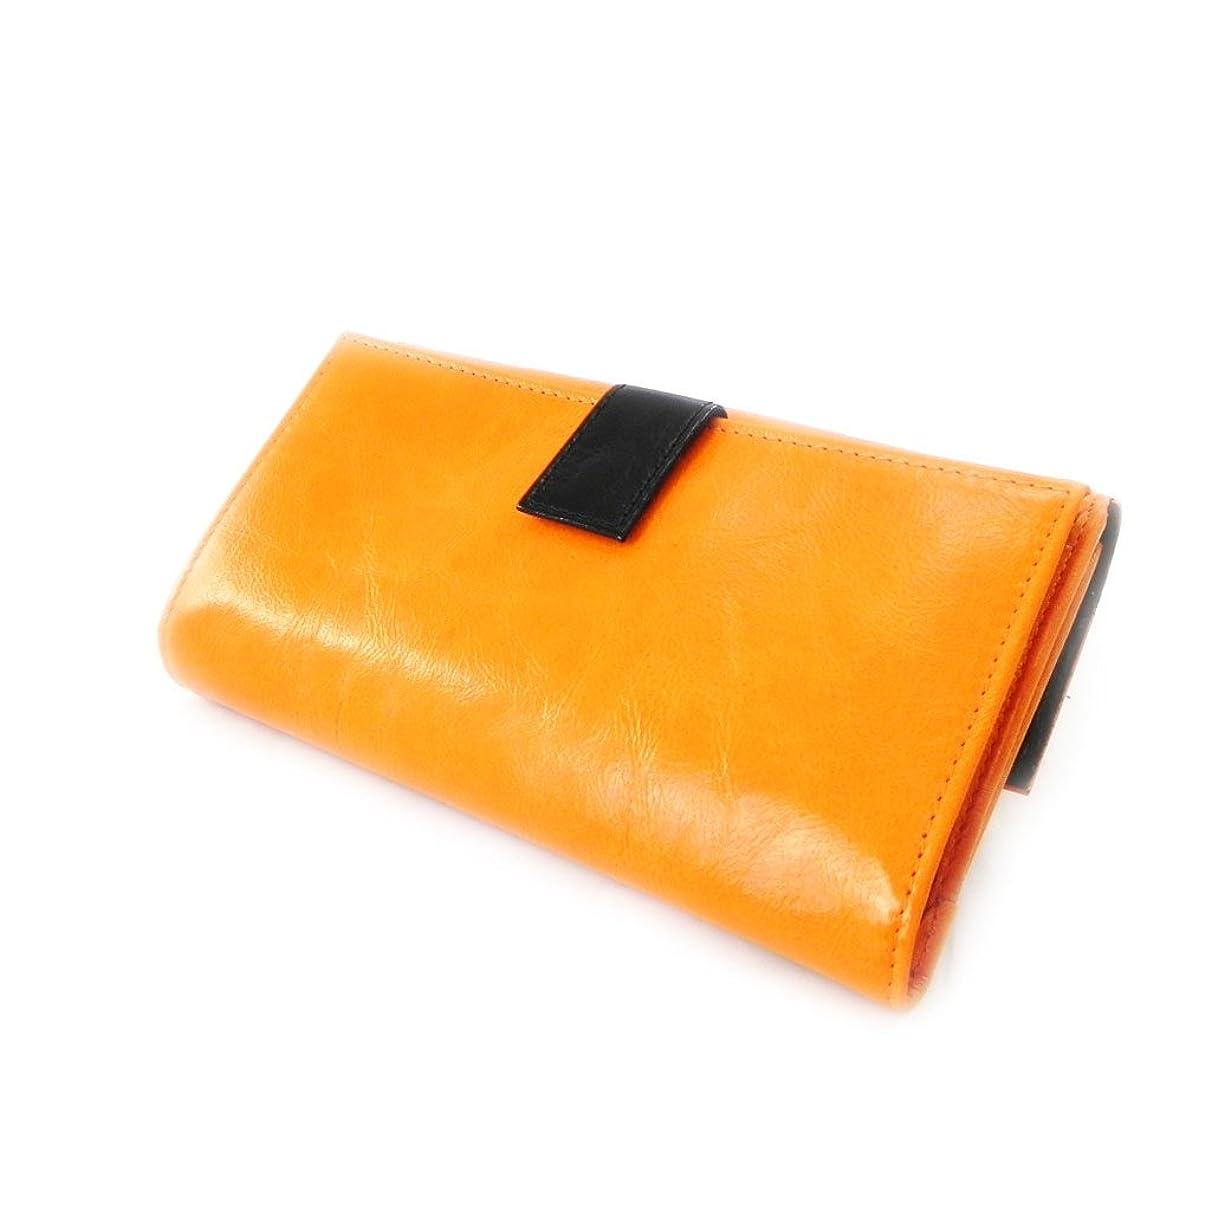 加速する雄大な近代化するFrandi [I8032] - Compagnon Cuir 'Frandi' orange noir vernis